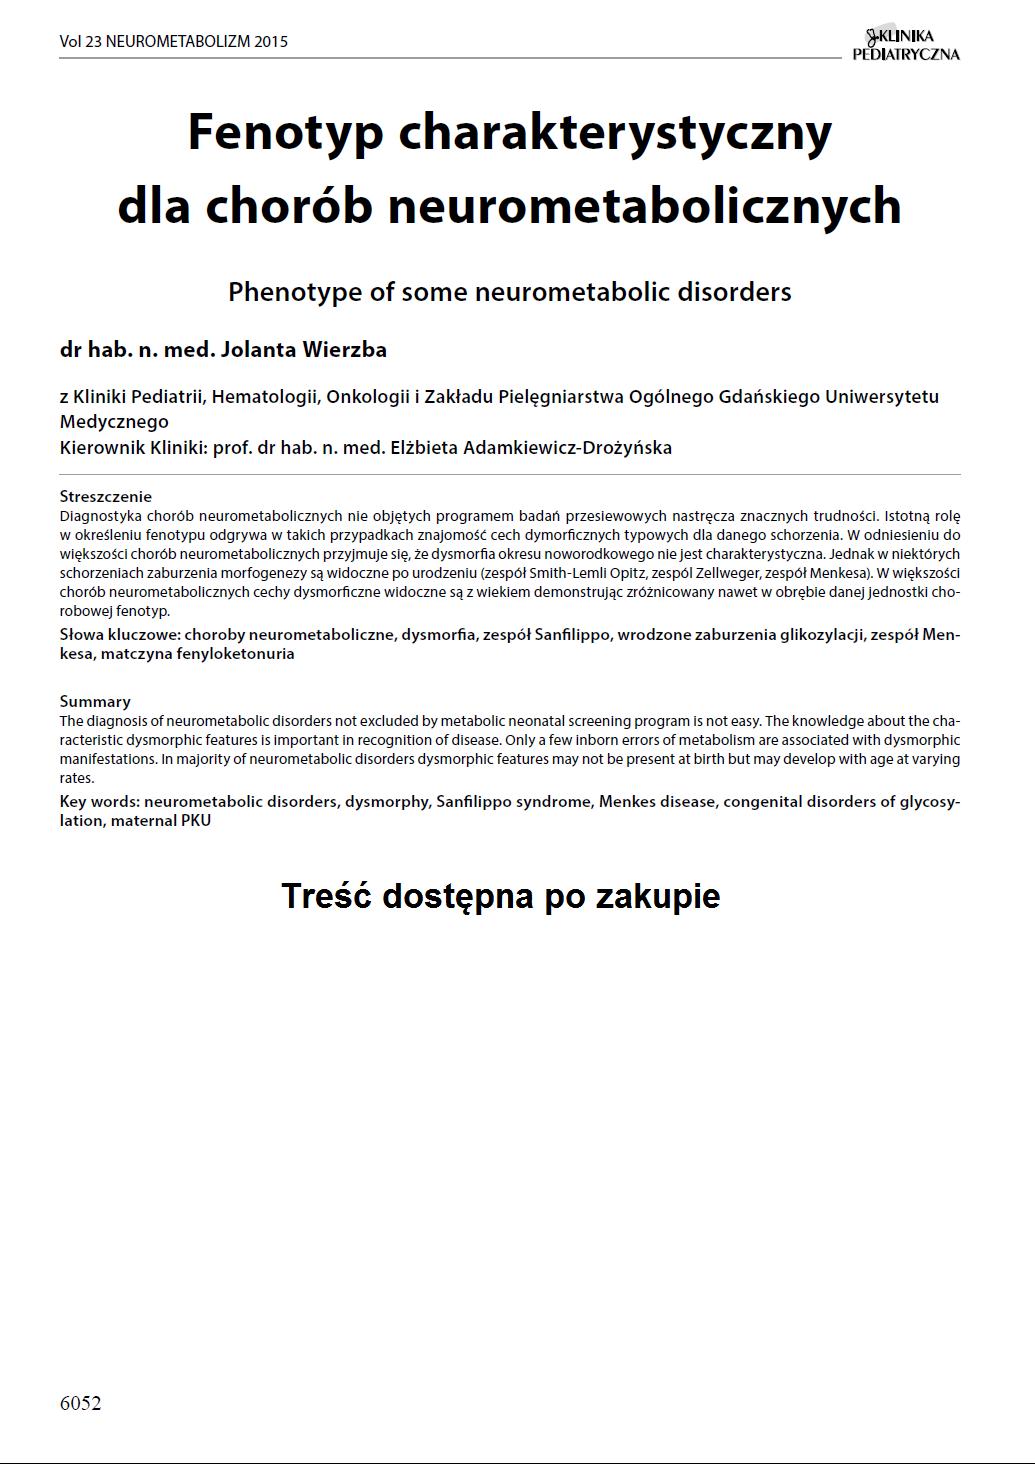 KP 2015-Neurometabolizm: Fenotyp charakterystyczny dla chorób neurometabolicznych